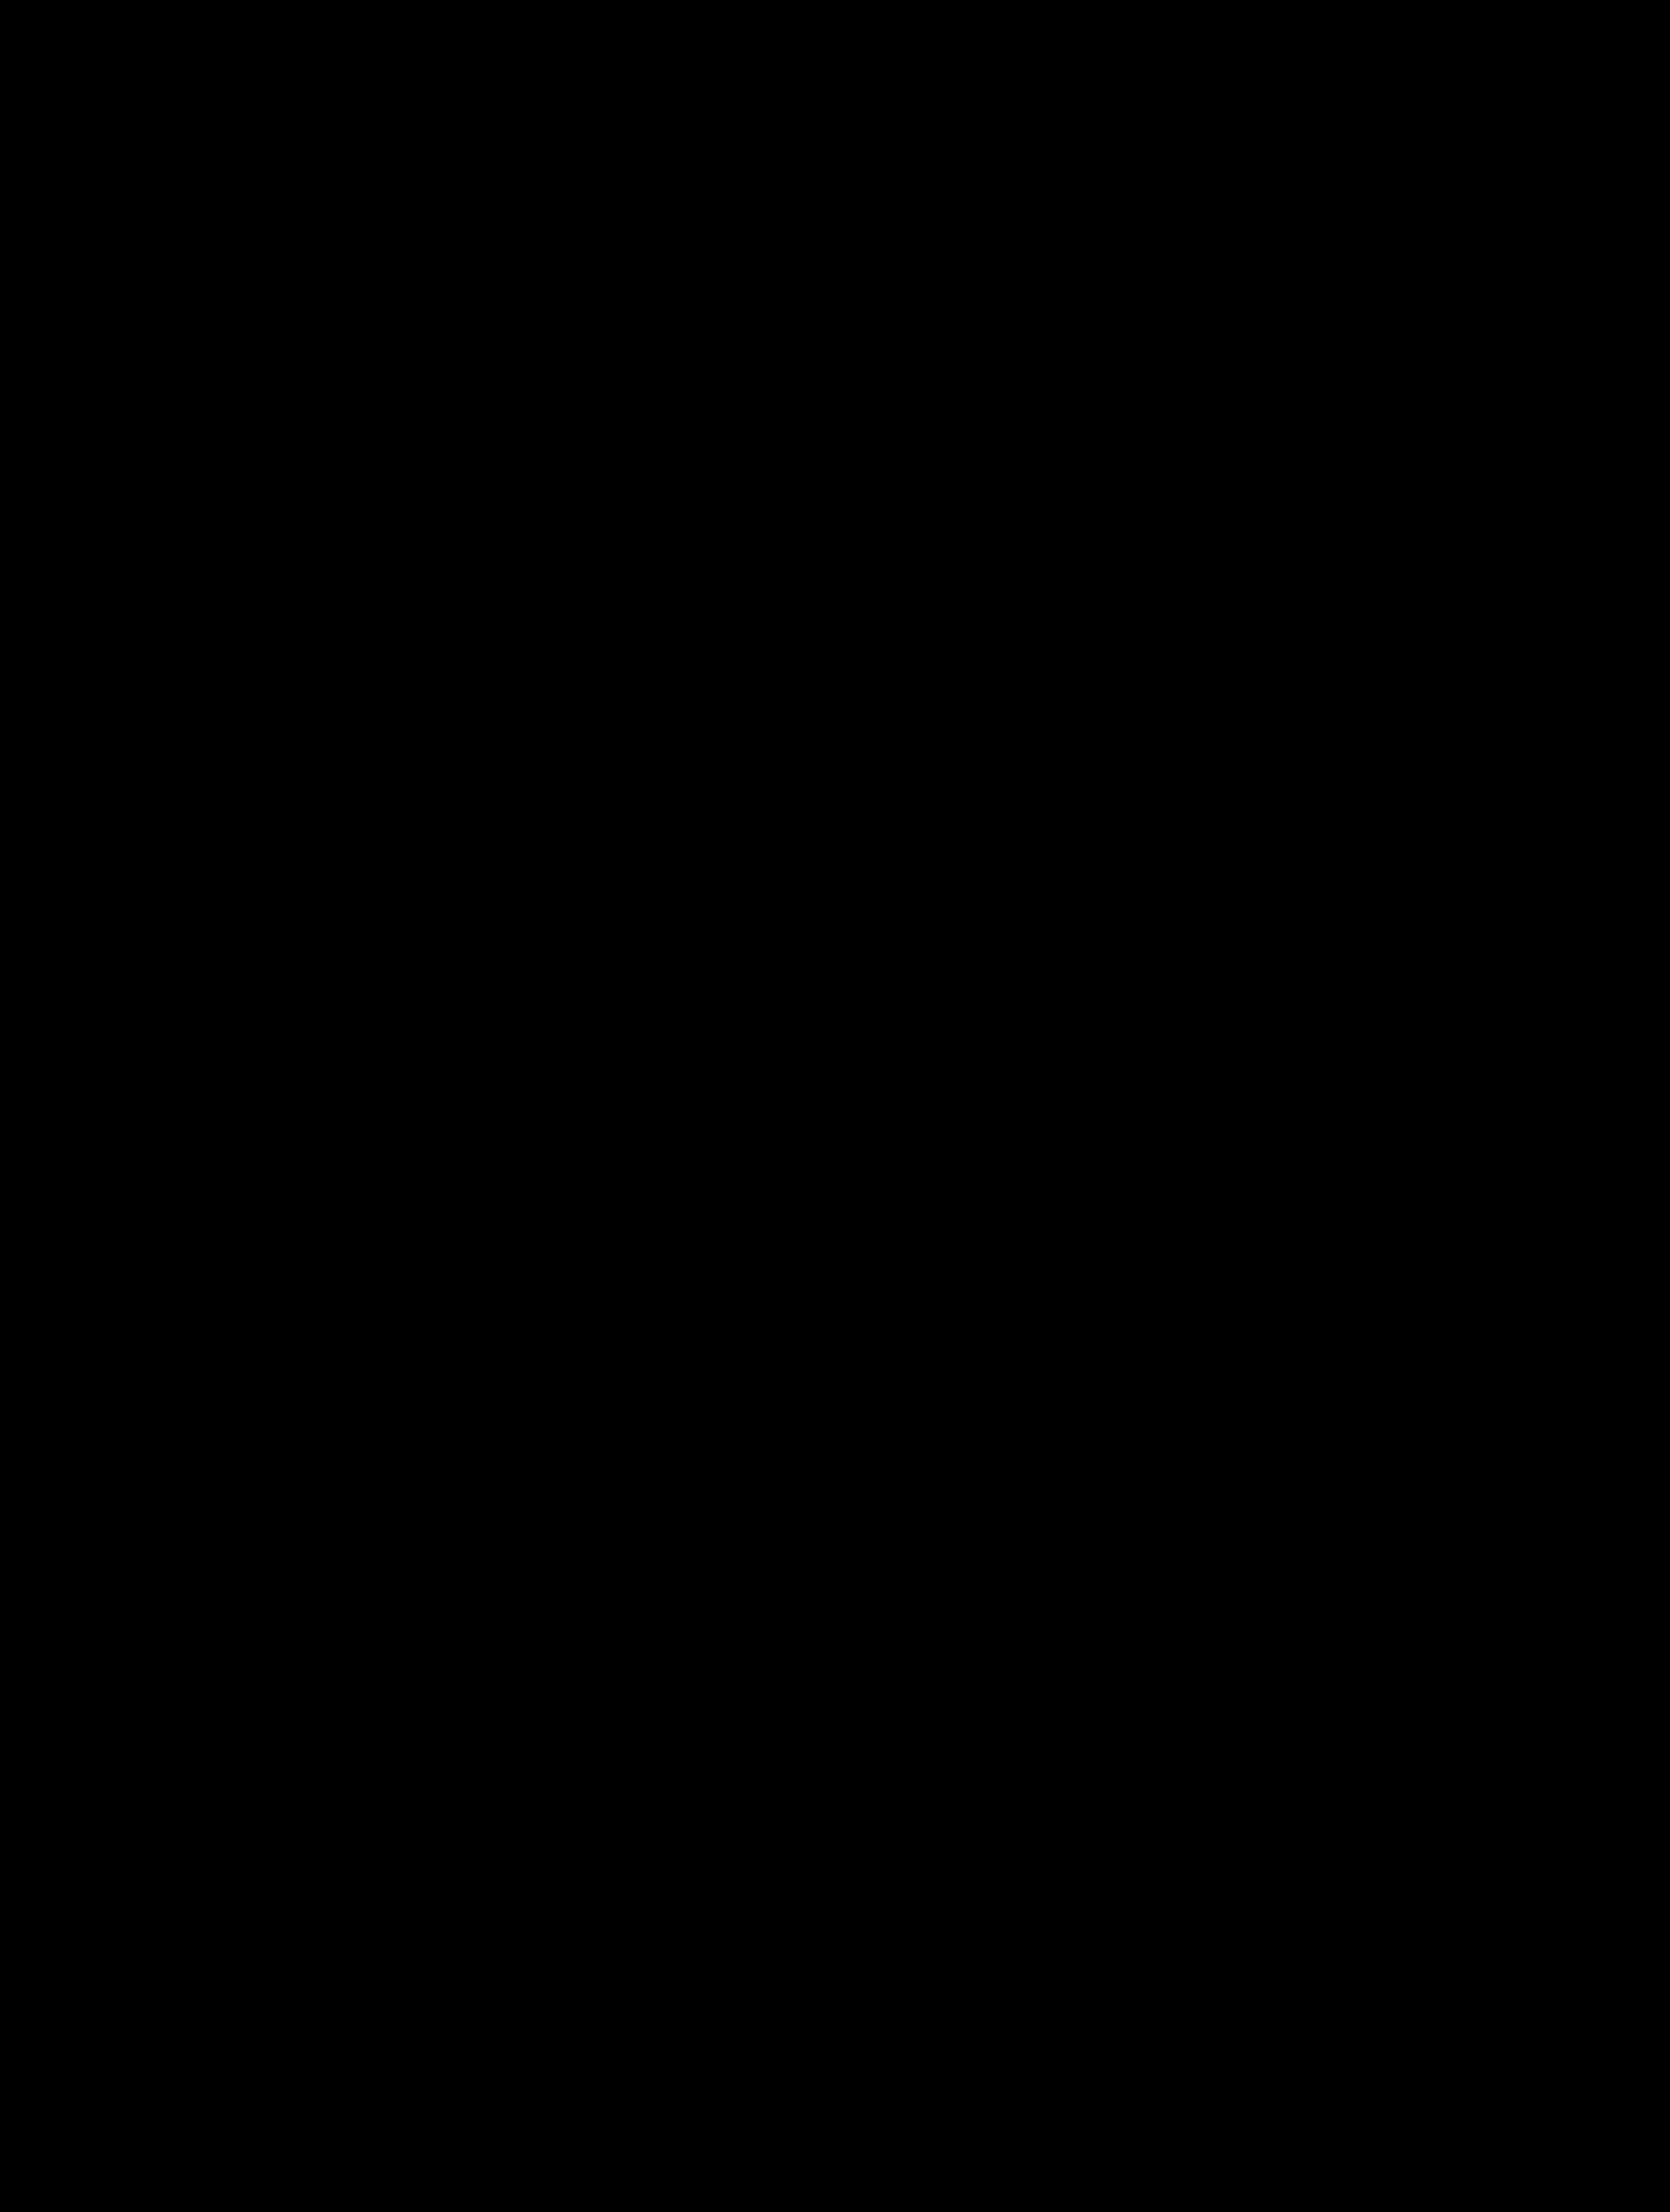 Gentile_da_Fabriano_-_Coronation_of_the_Virgin